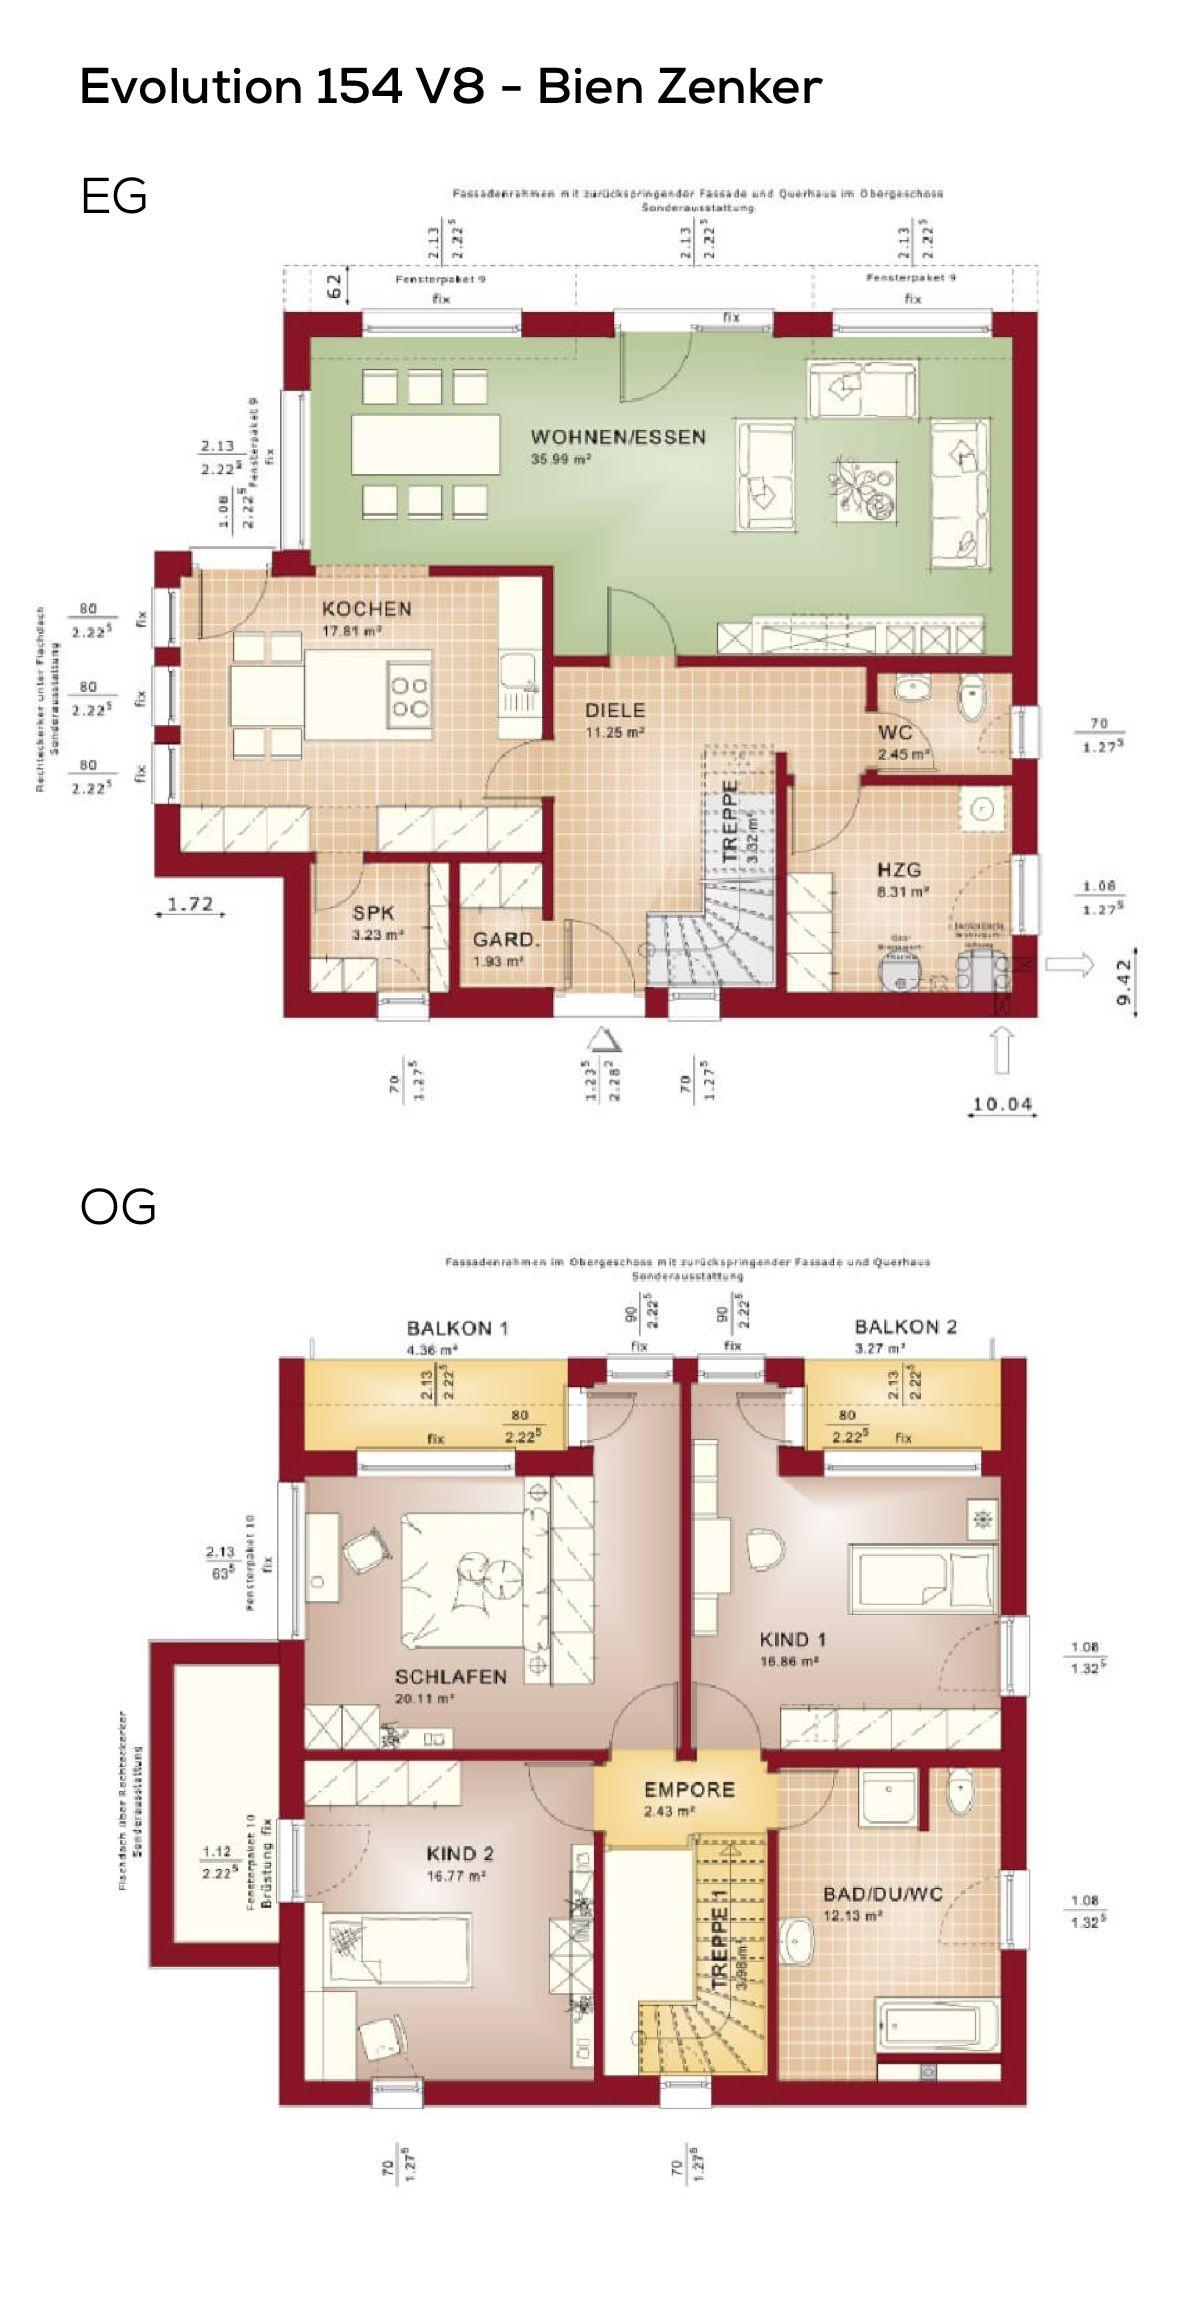 Grundriss Stadtvilla modern mit Flachdach Architektur im